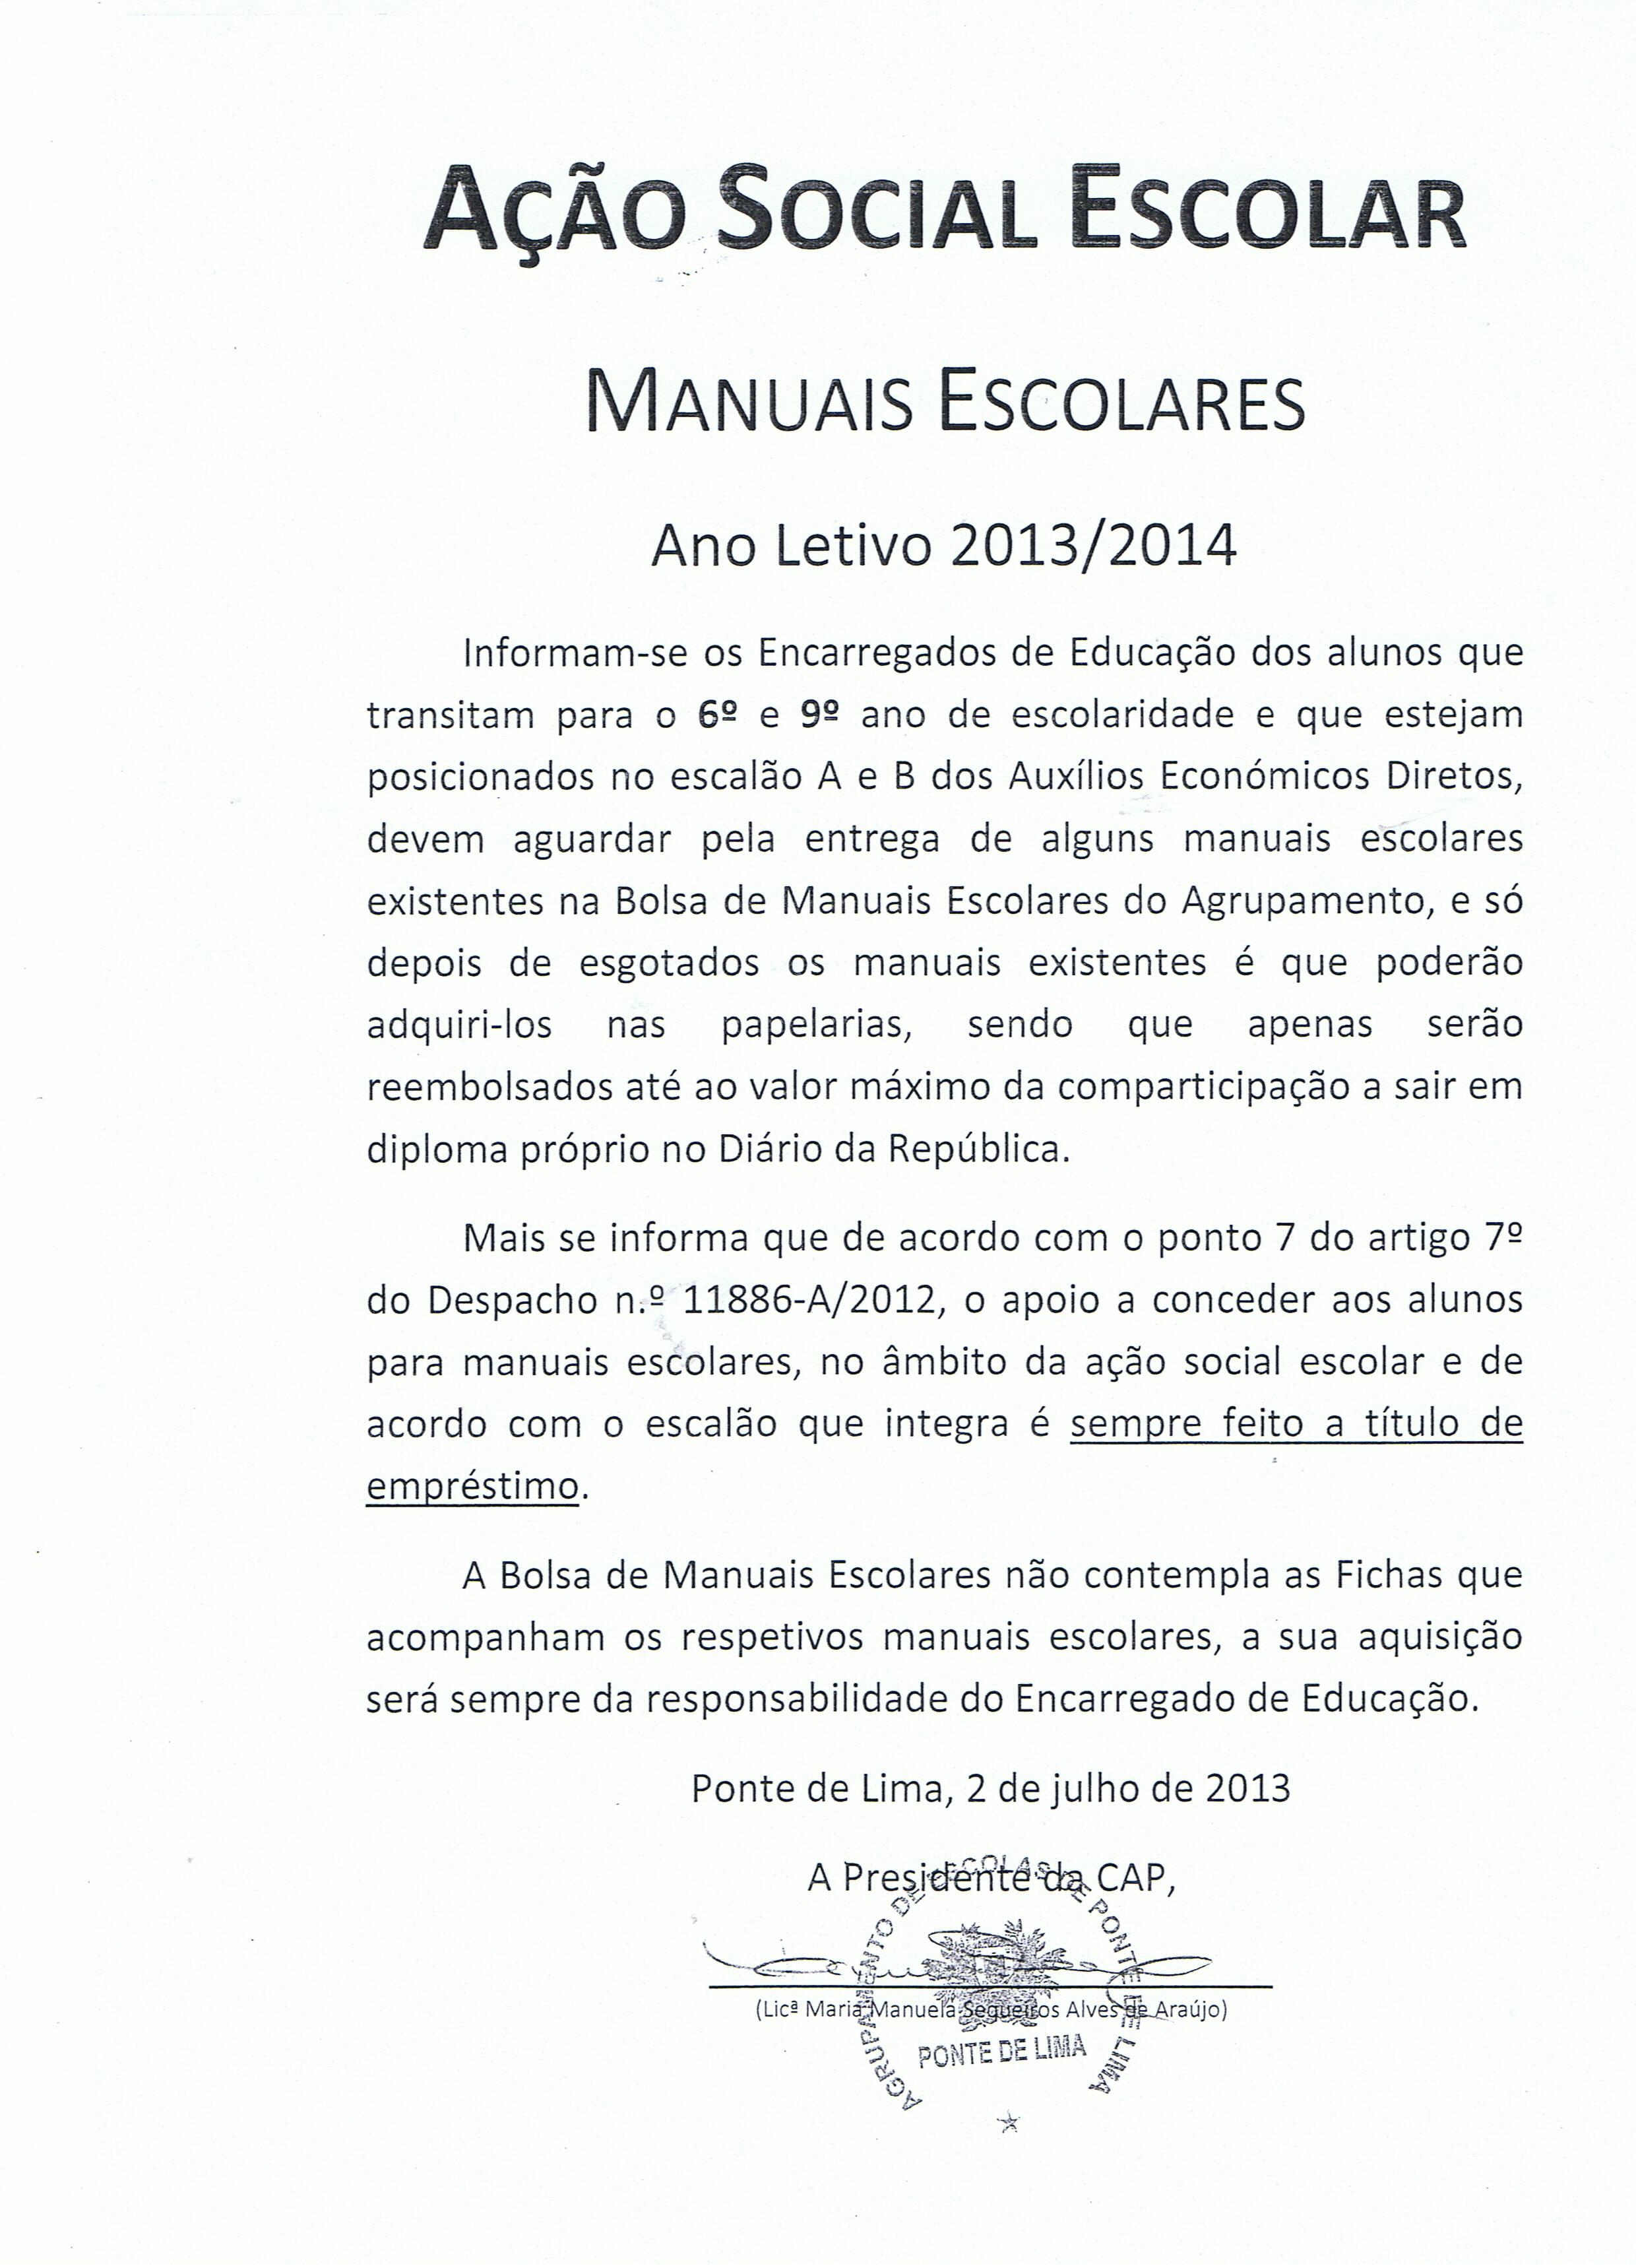 Manuais Escolares 2013-2014